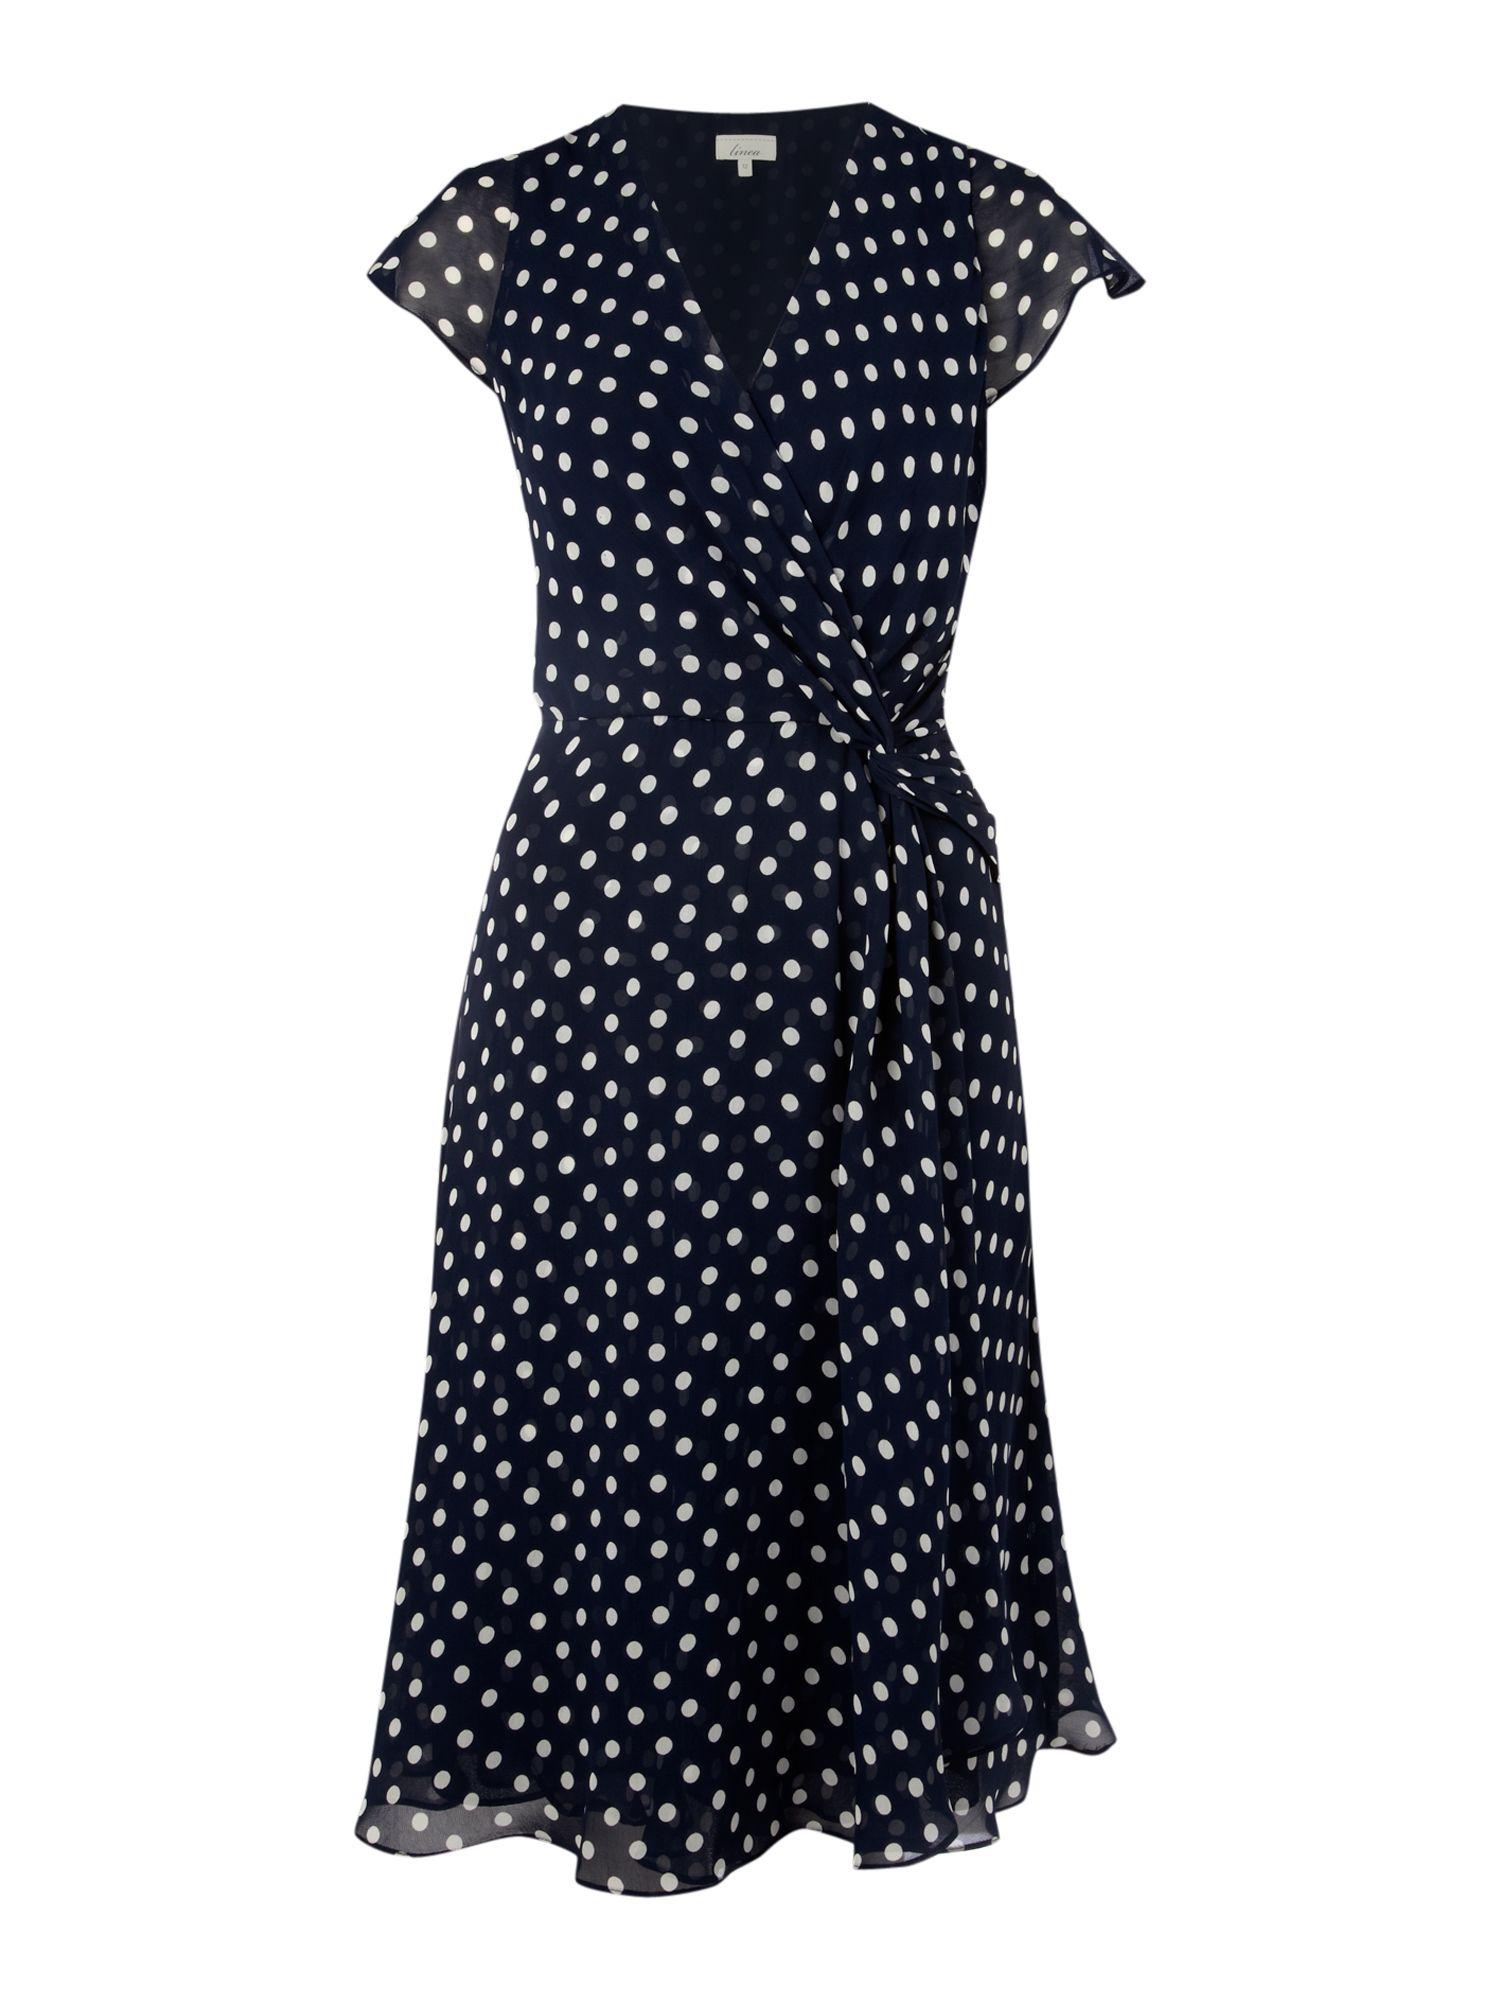 Dots Fashion Clothing Women